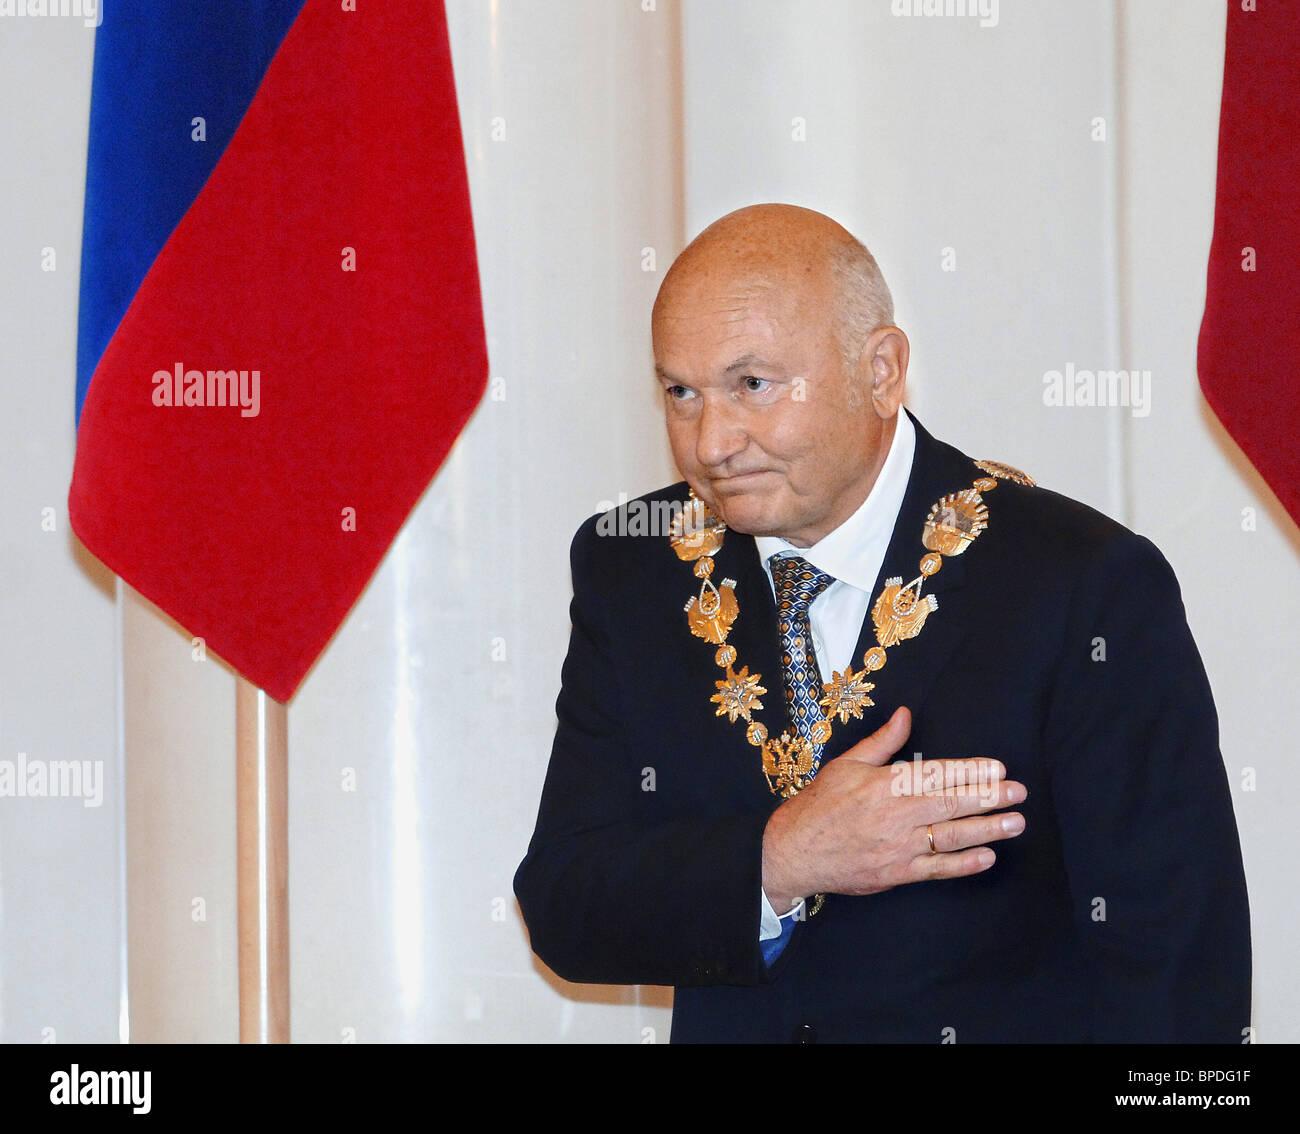 Yuri Luzhkov begibt sich auf seine fünfte Amtszeit als Bürgermeister von Moskau Stockfoto